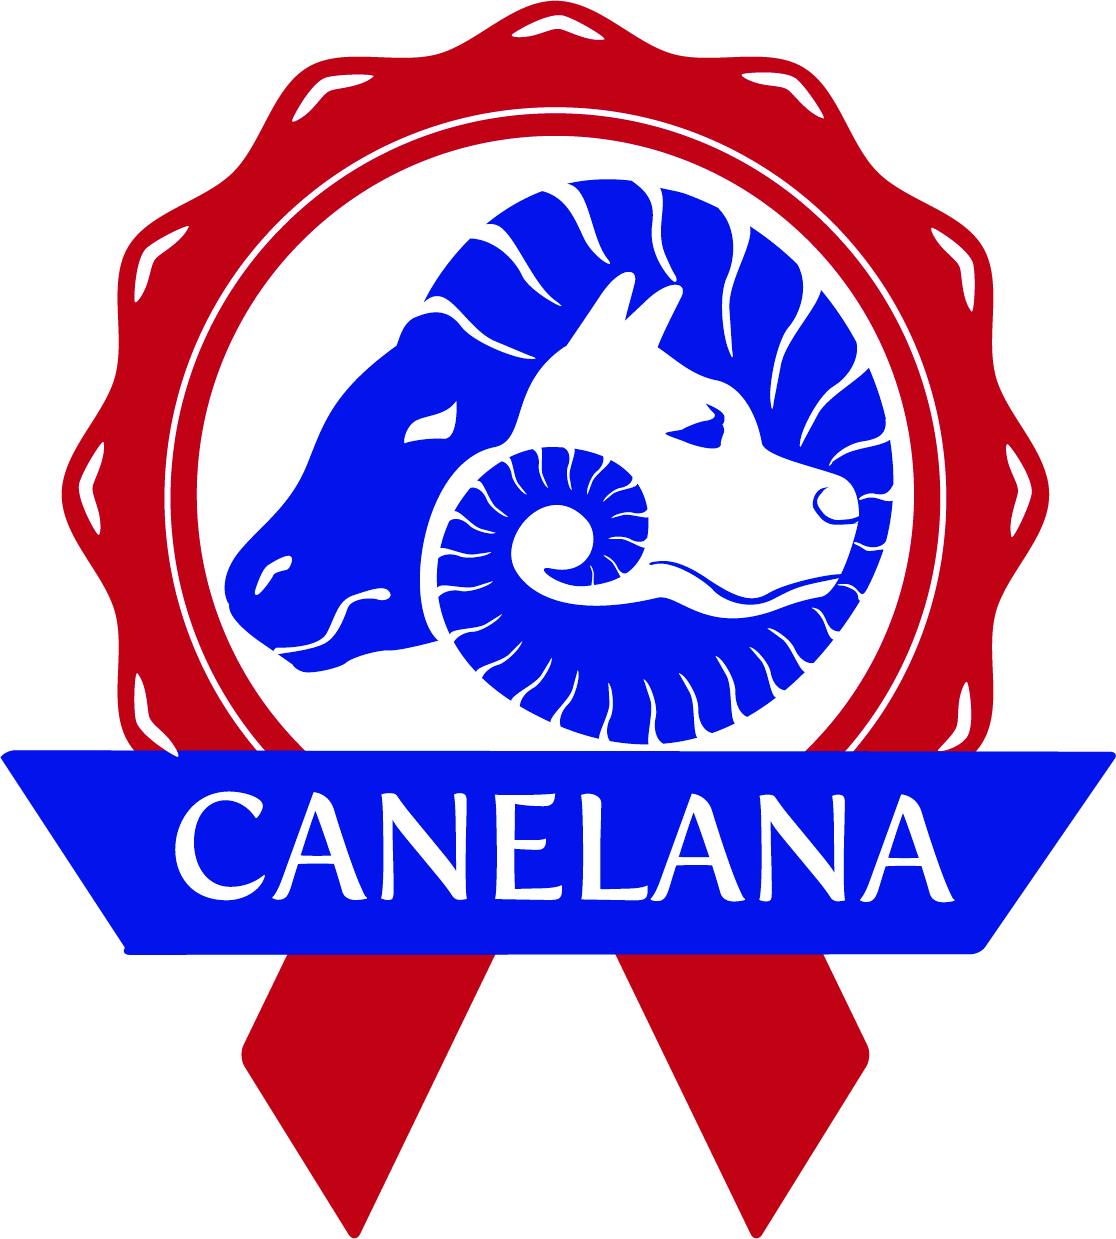 CanelanaLogo.jpg